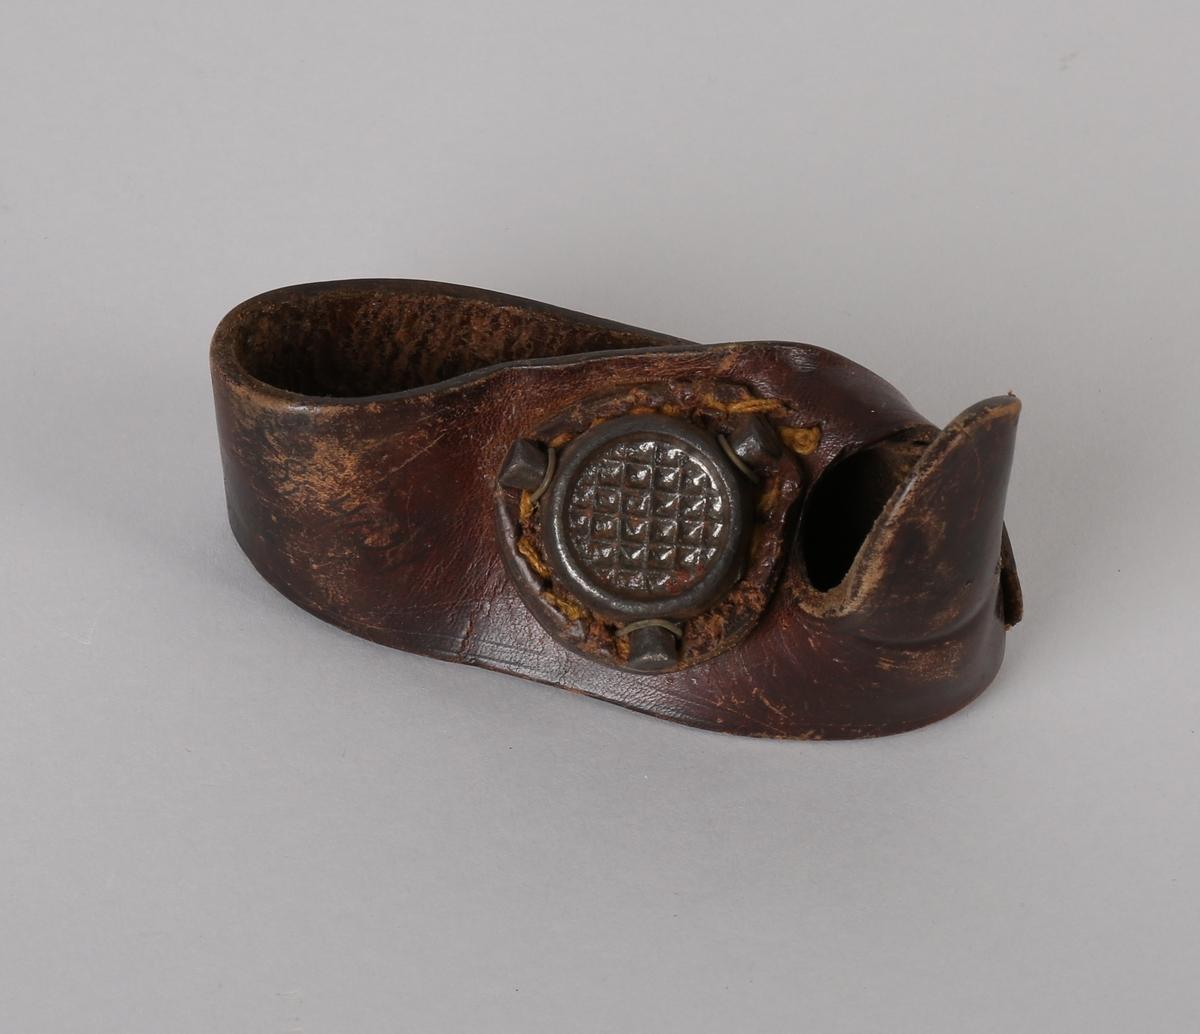 Likhanske: Seilmakerhanske i skinn med jernpute til å skyve nålen inn i læret eller seilduken.